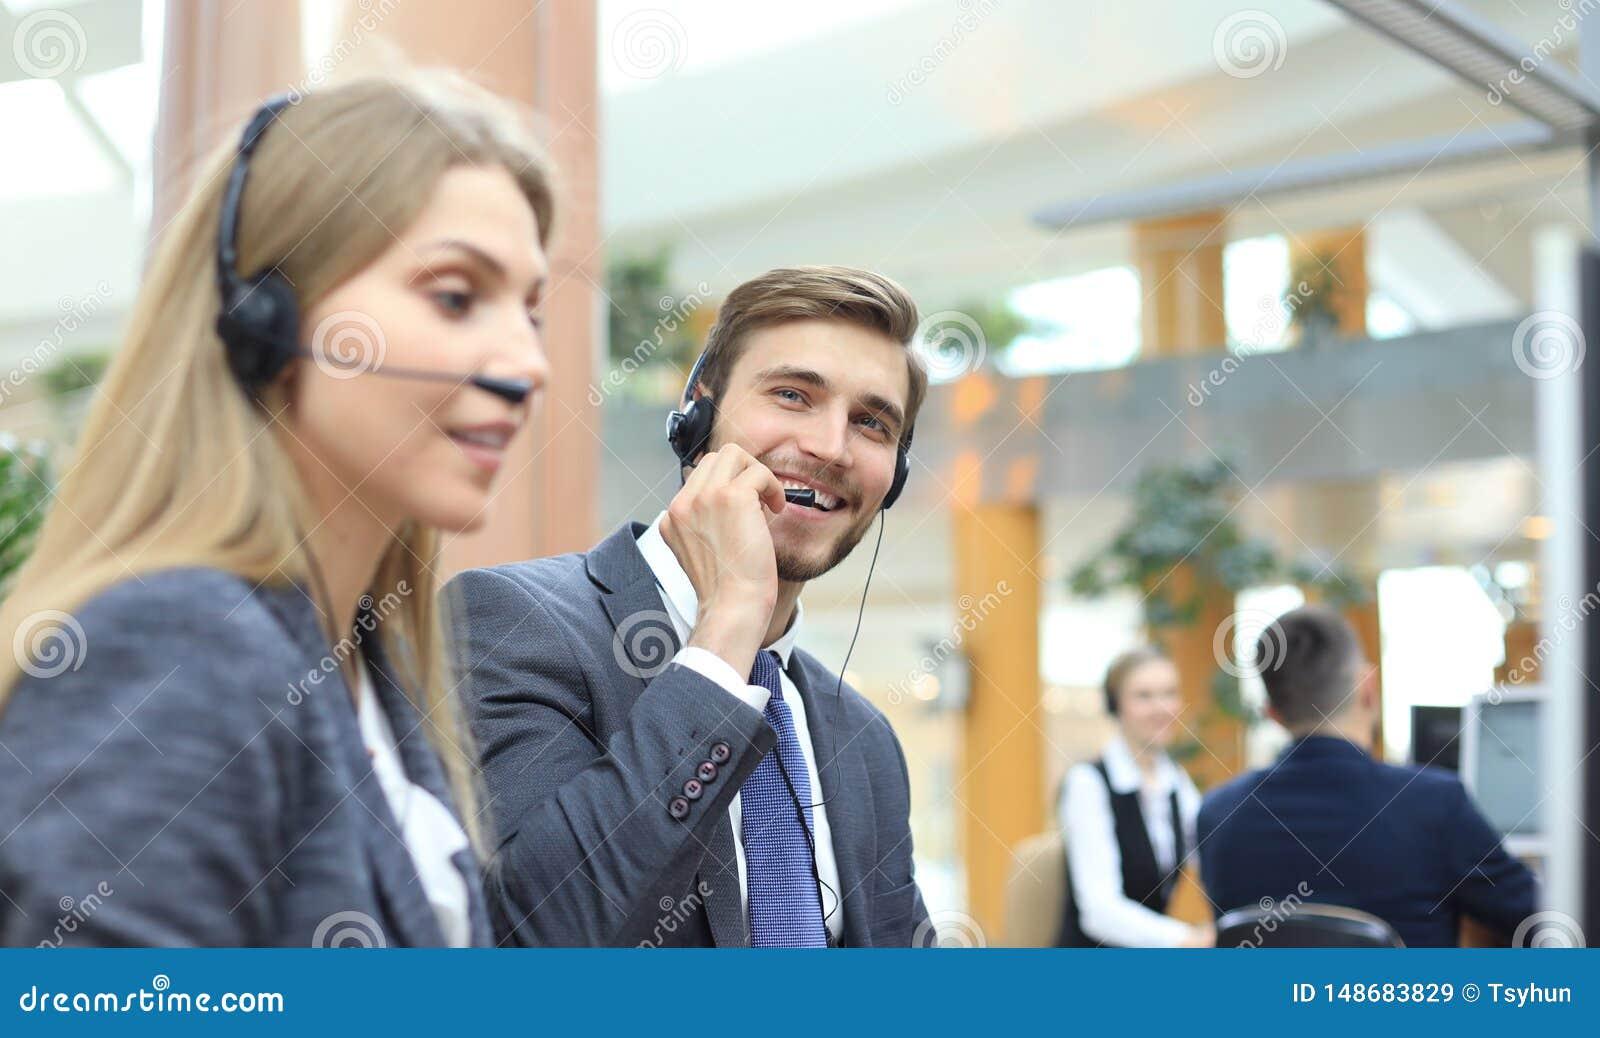 Portr?t der Call-Center-Arbeitskraft begleitet von seinem Team L?chelnder Kundenbetreuungsbetreiber bei der Arbeit